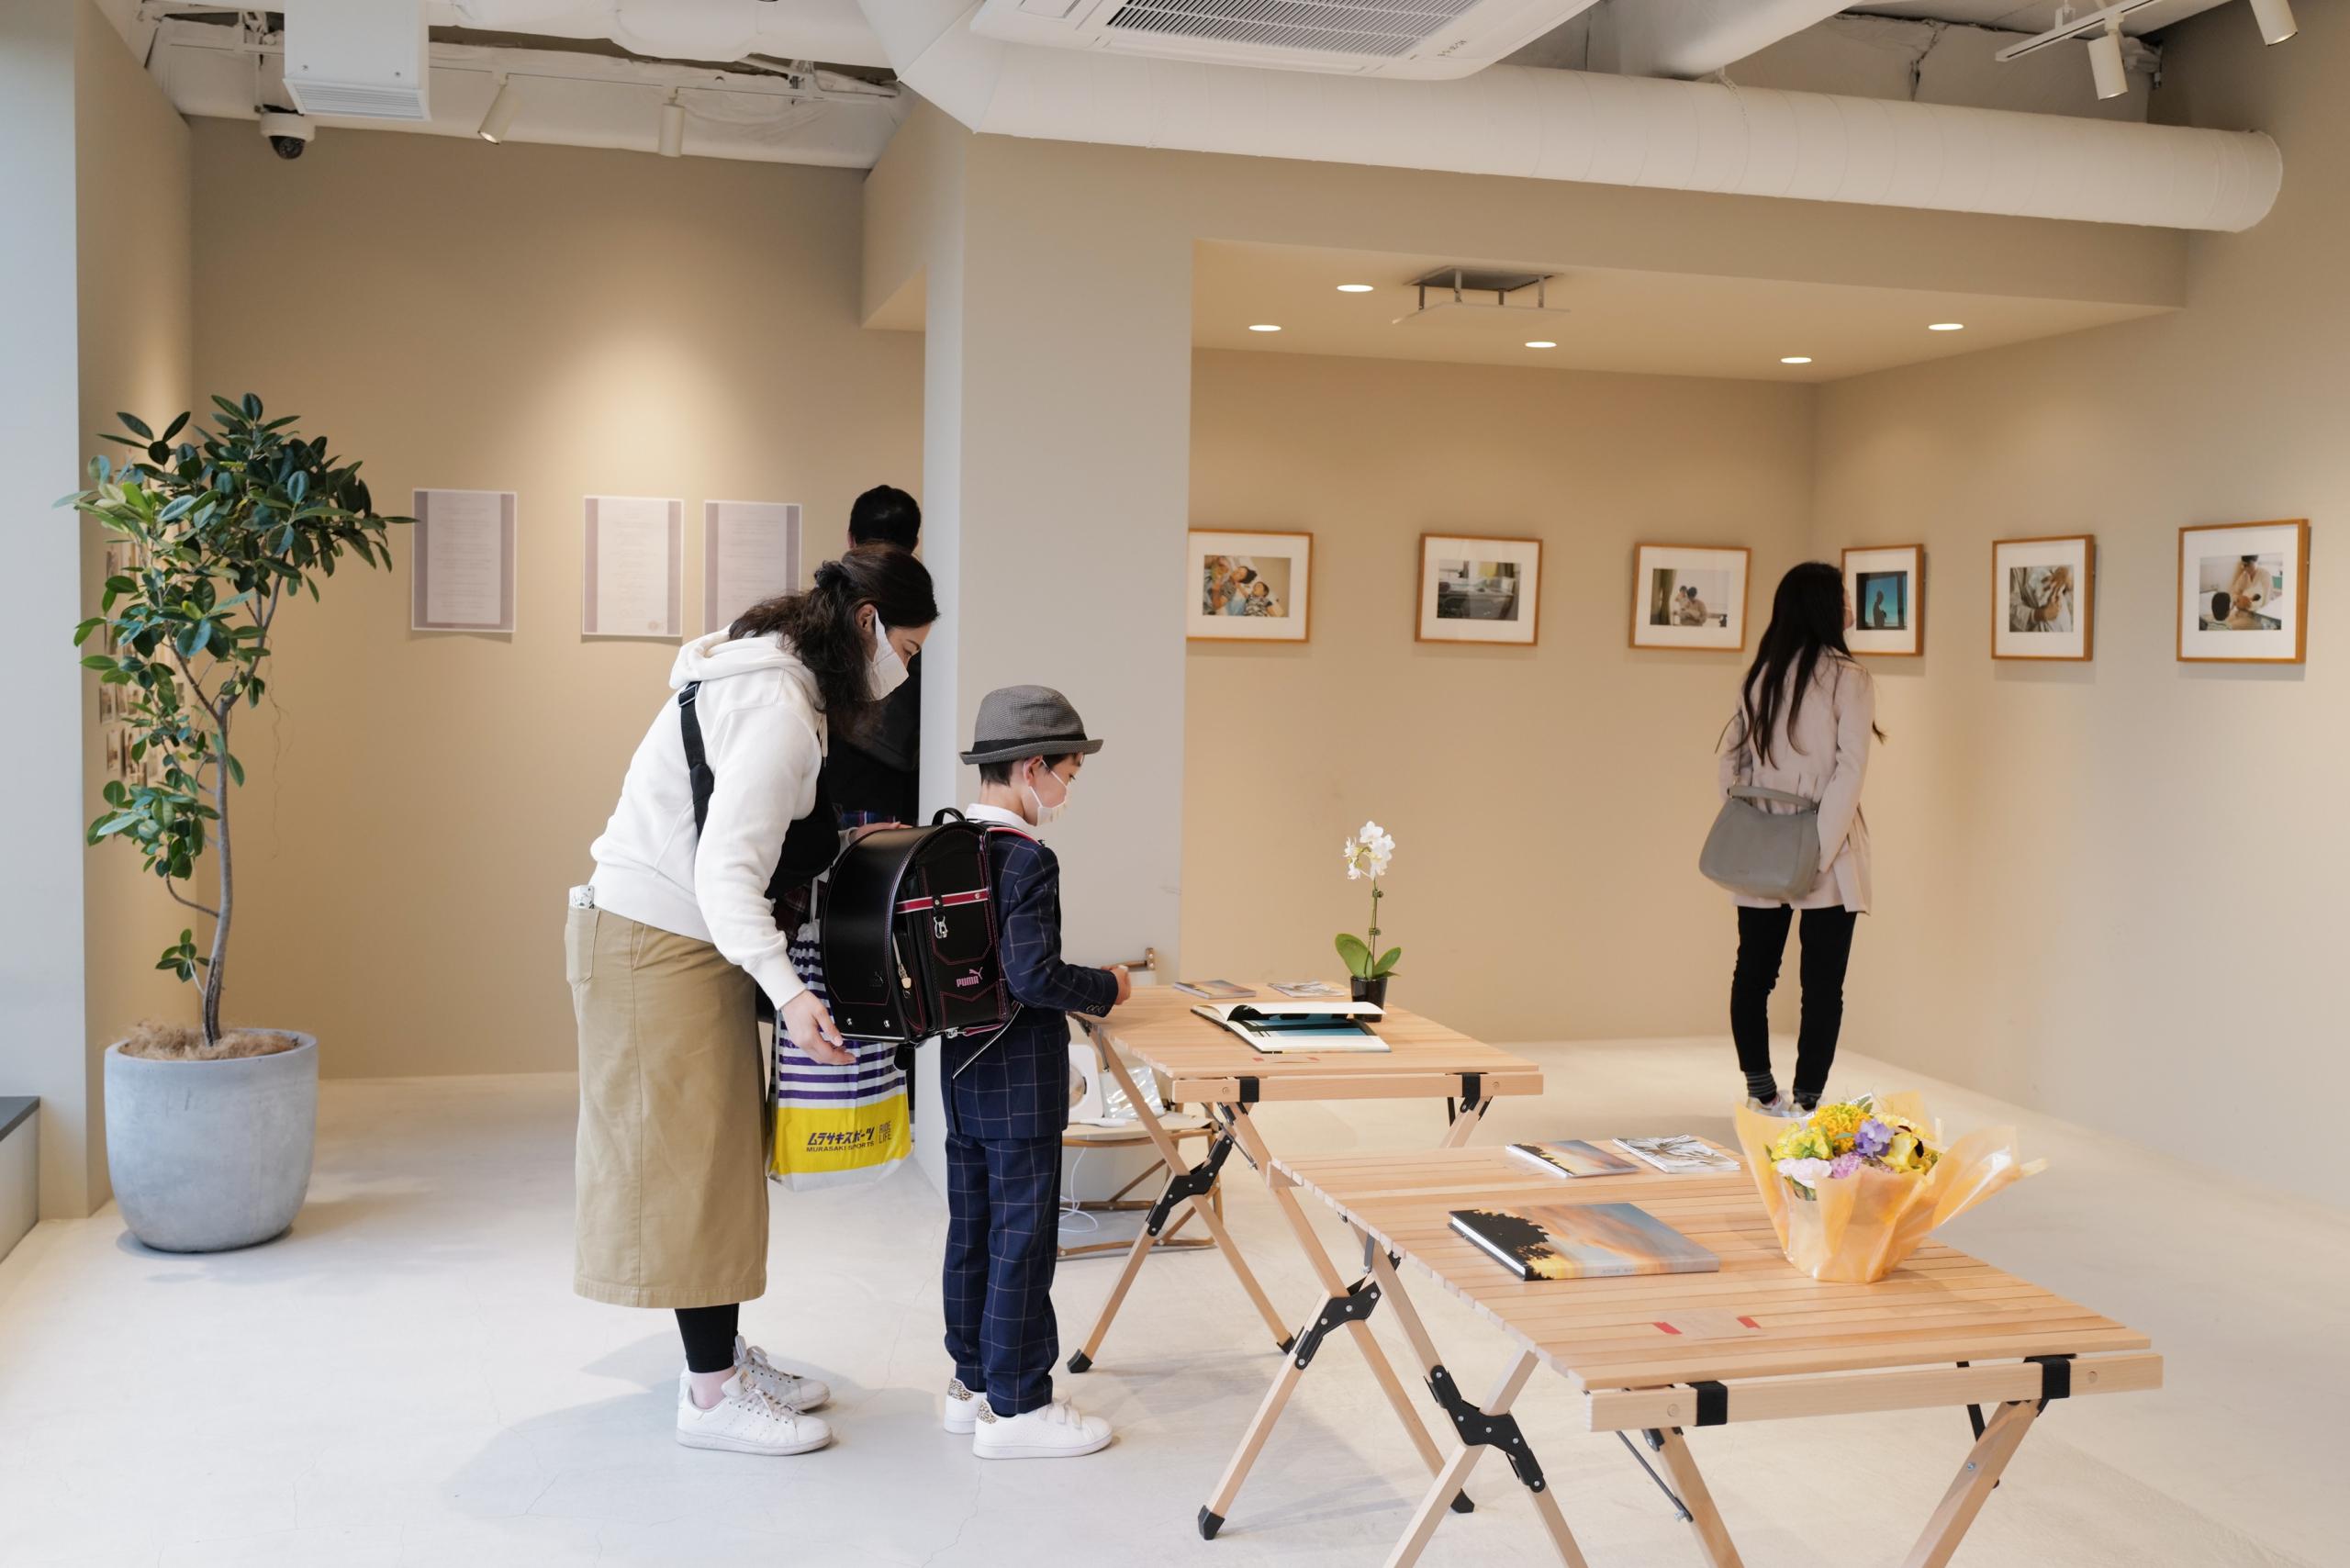 しんがき家写真展「あさの光」|Ff(エフエフ)|パークアウトドア施設